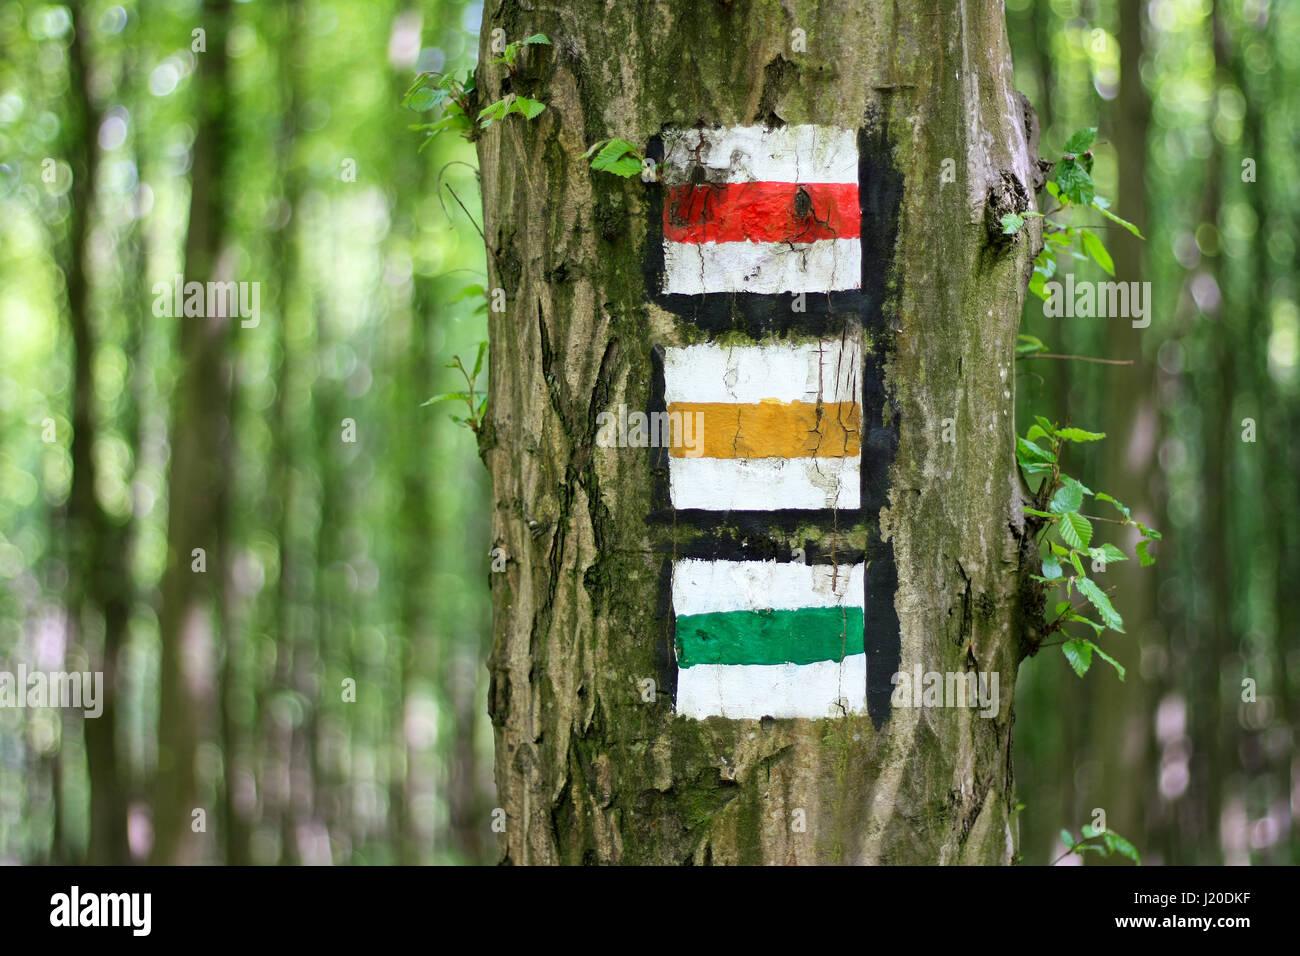 Rouge, jaune et vert signe touristique sur l'arbre dans la forêt Banque D'Images